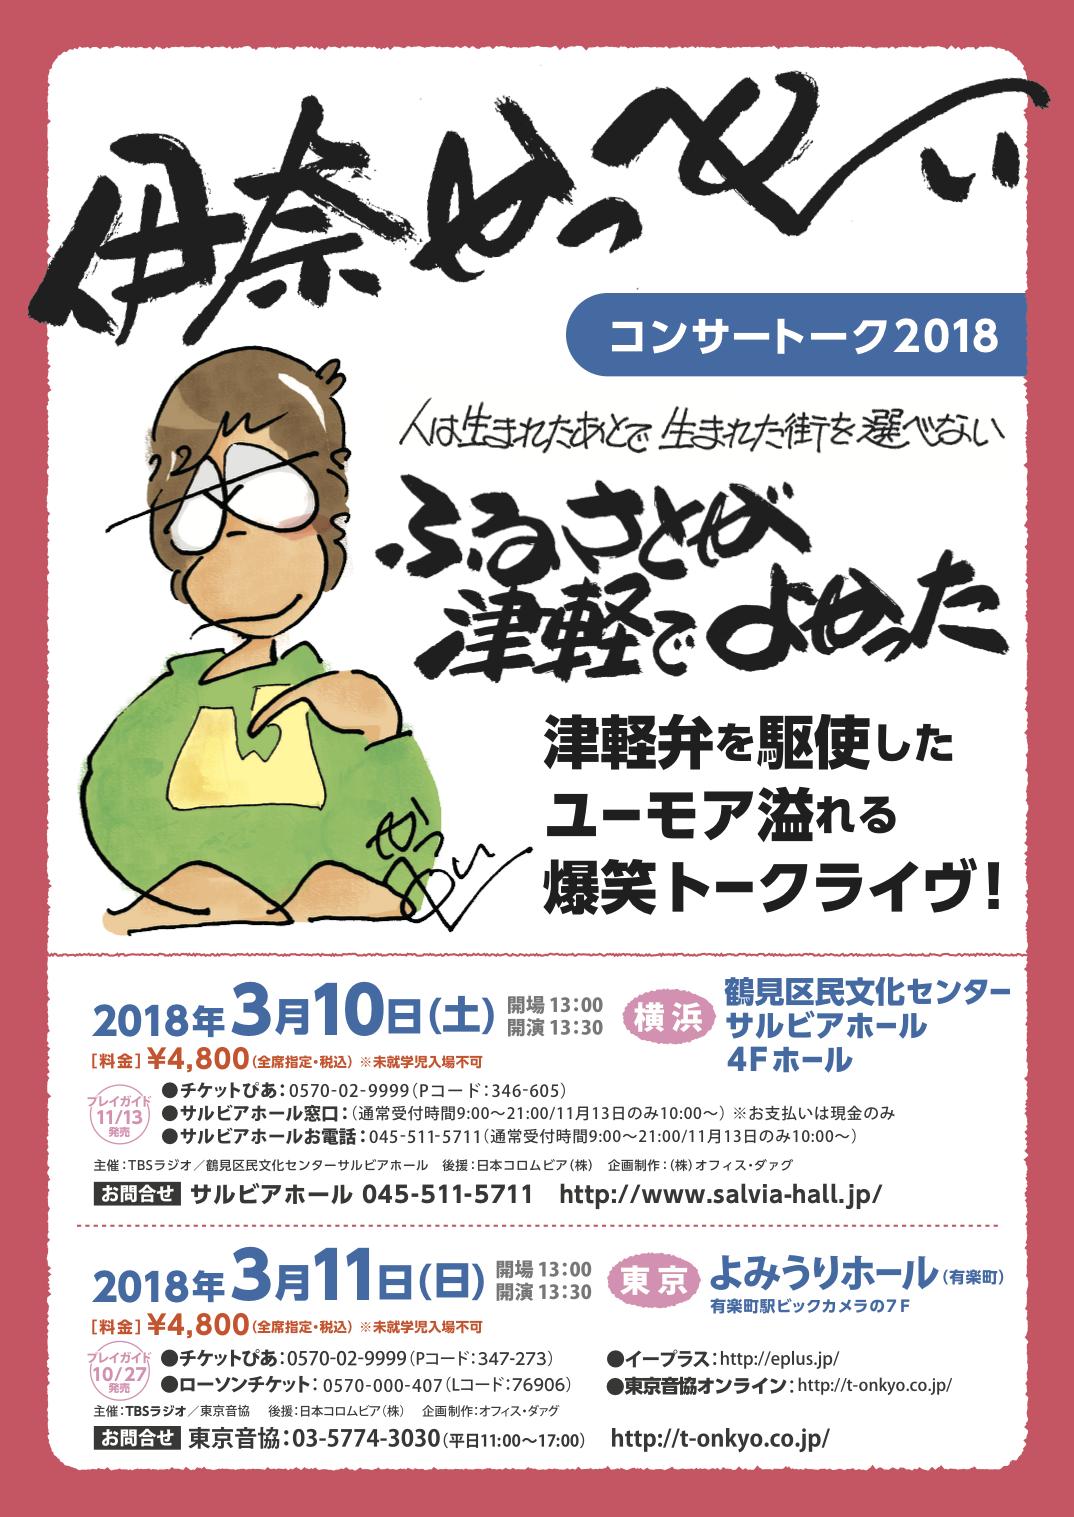 伊奈かっぺいコンサートーク2018 ふるさとが津軽で良かった 東京公演